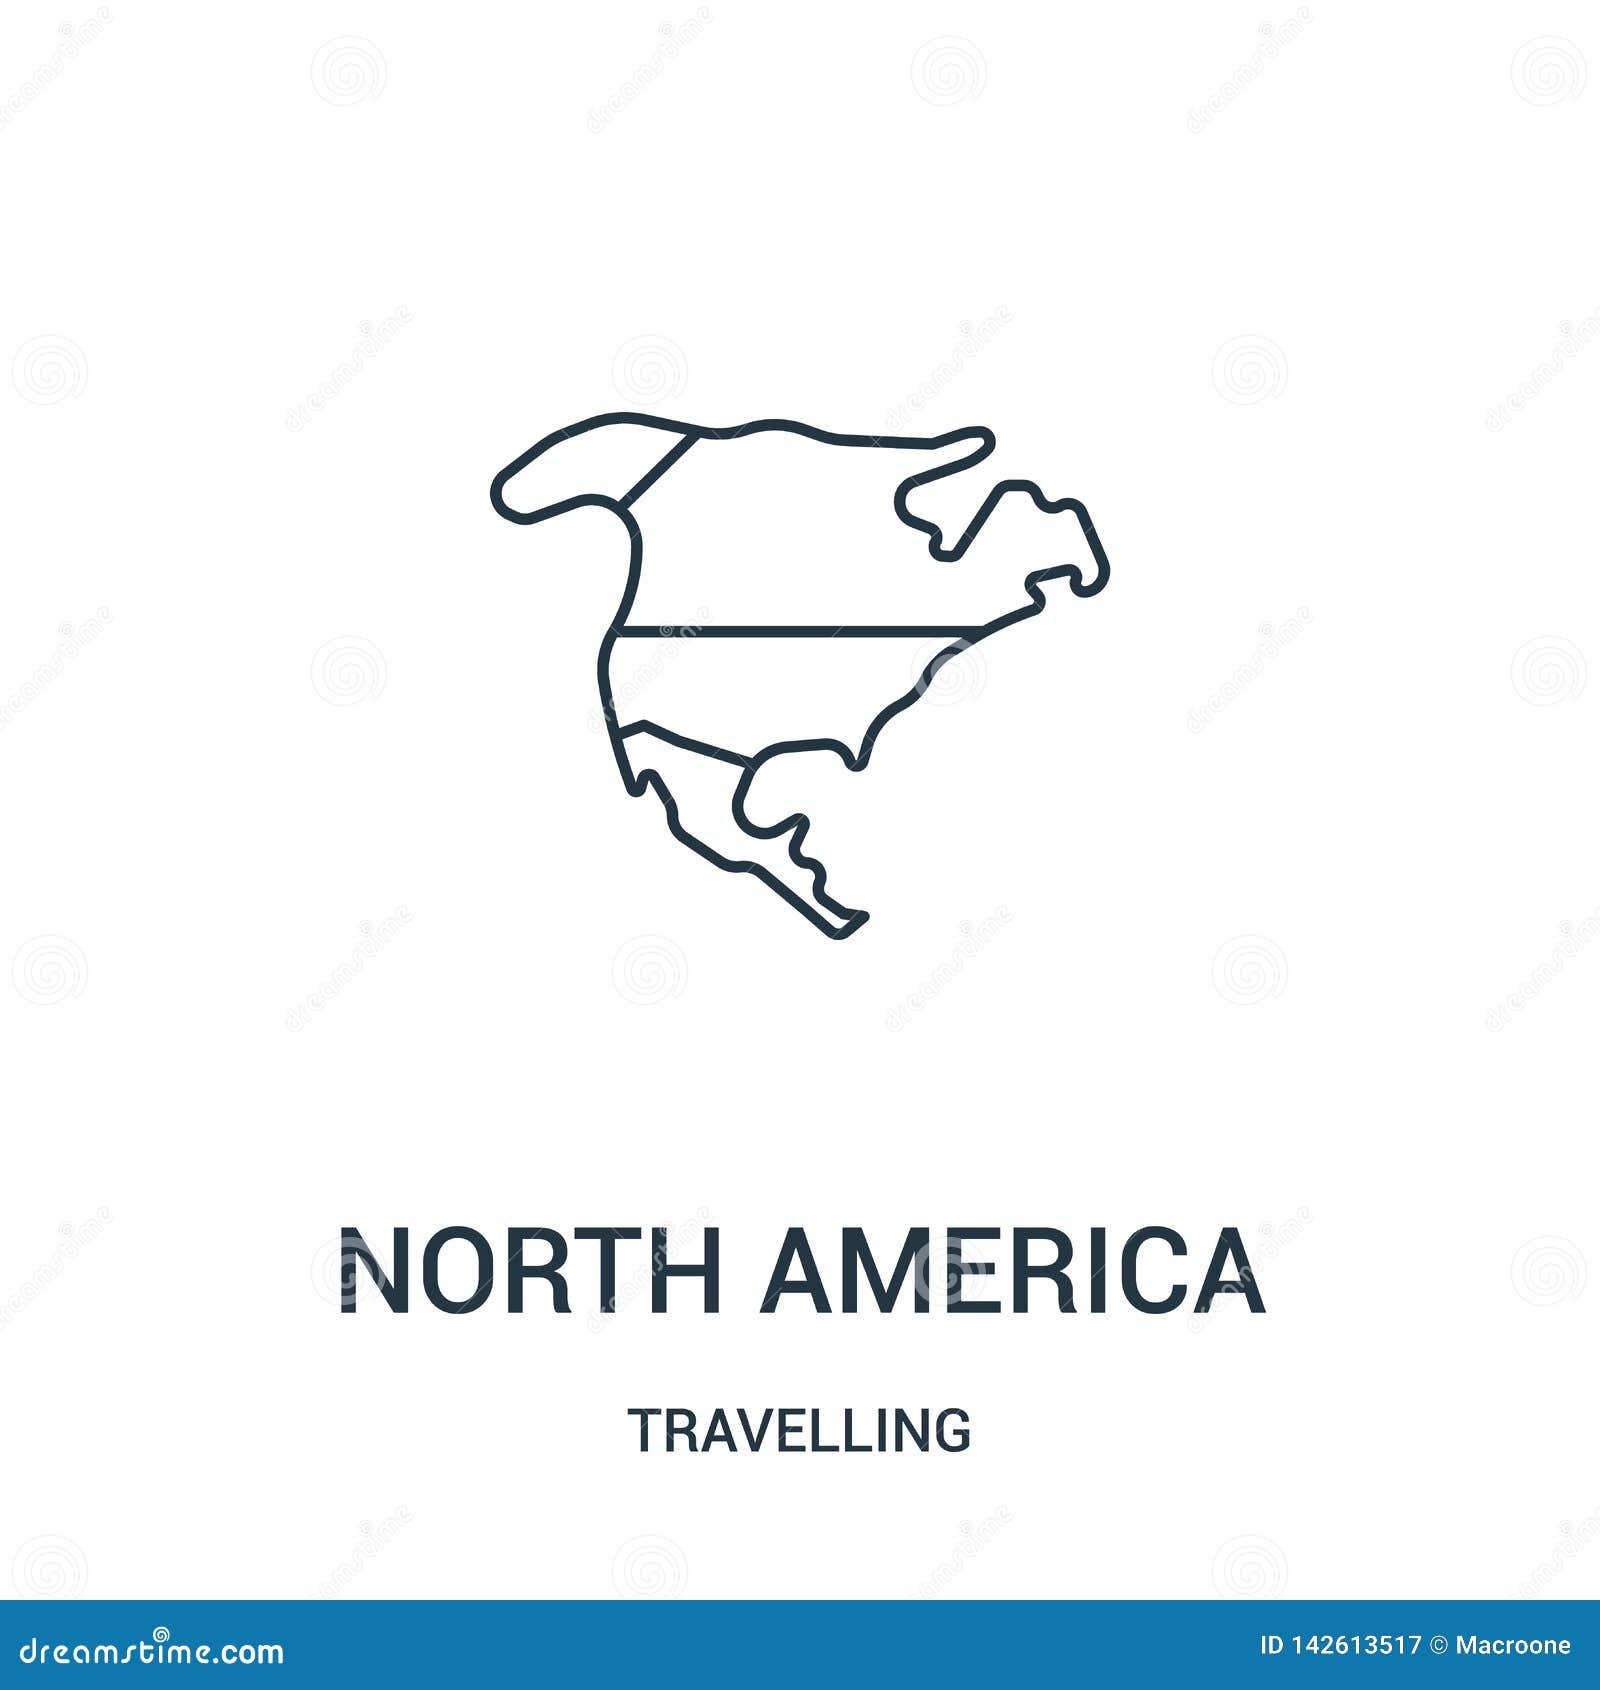 διάνυσμα εικονιδίων της Βόρειας Αμερικής από τη διακινούμενη συλλογή Λεπτή διανυσματική απεικόνιση εικονιδίων περιλήψεων της Βόρε